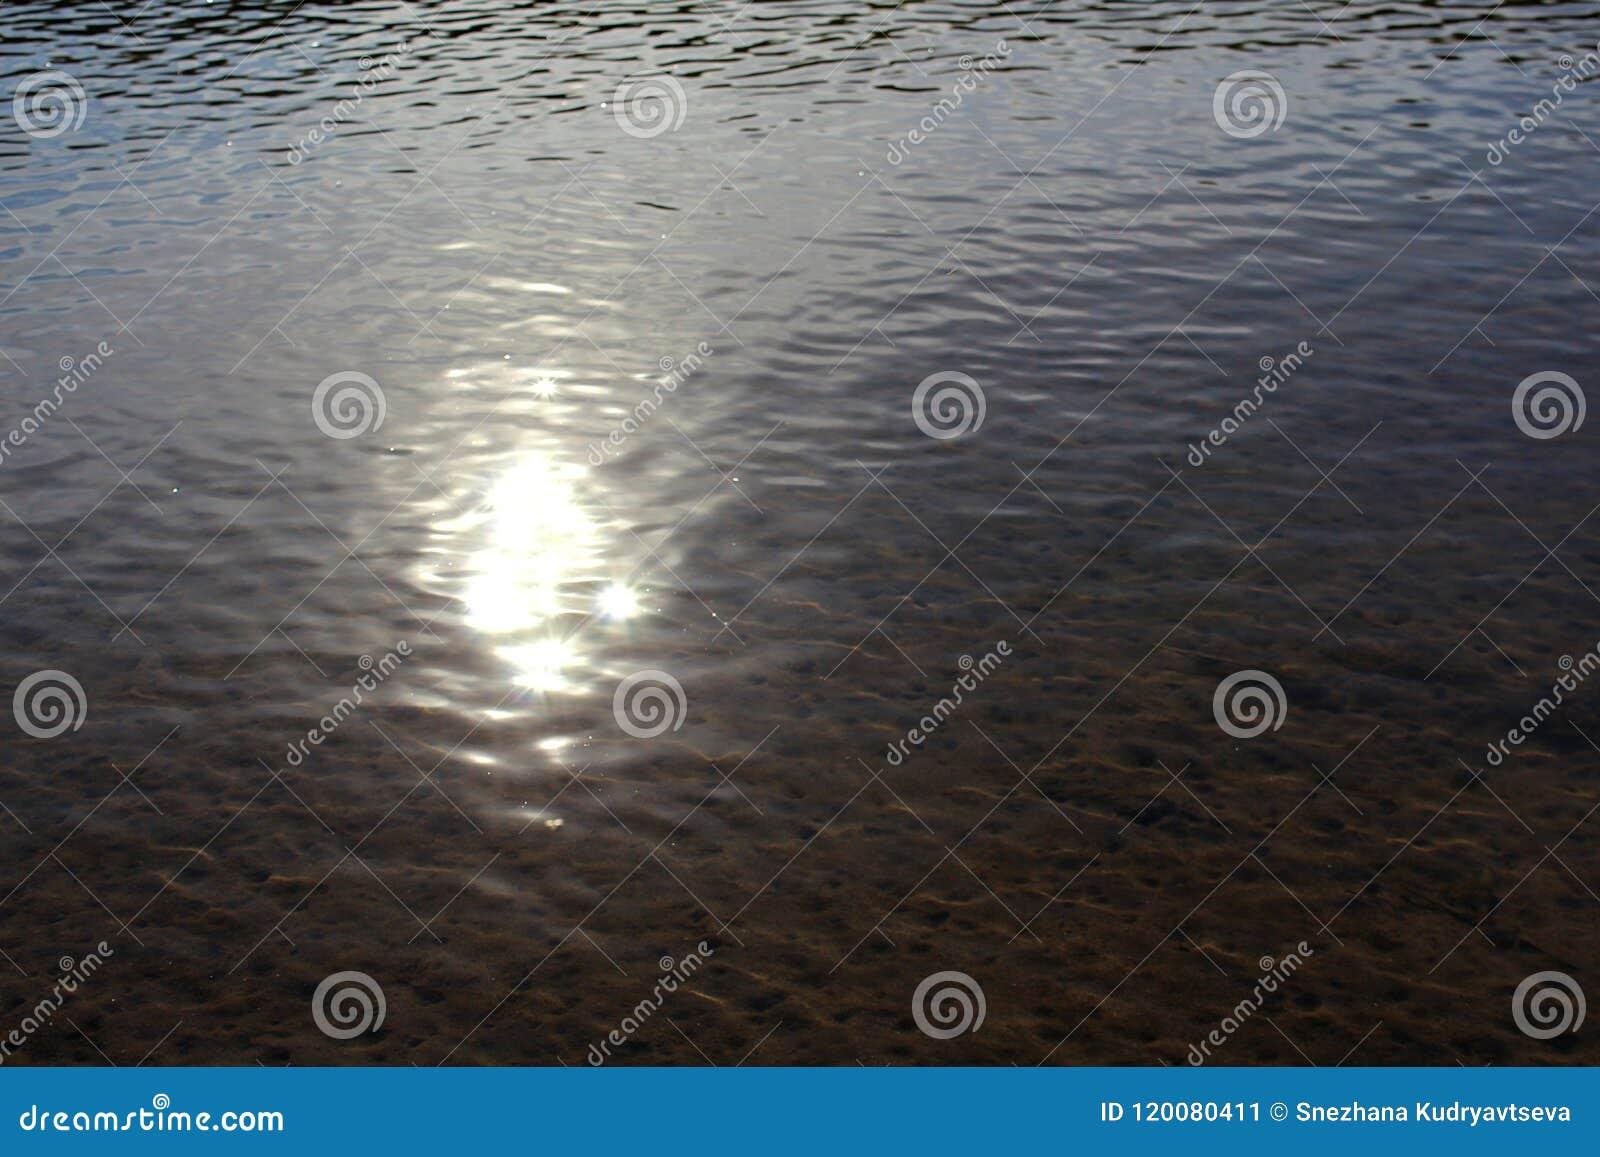 Odbicie światło słoneczne na powierzchni woda